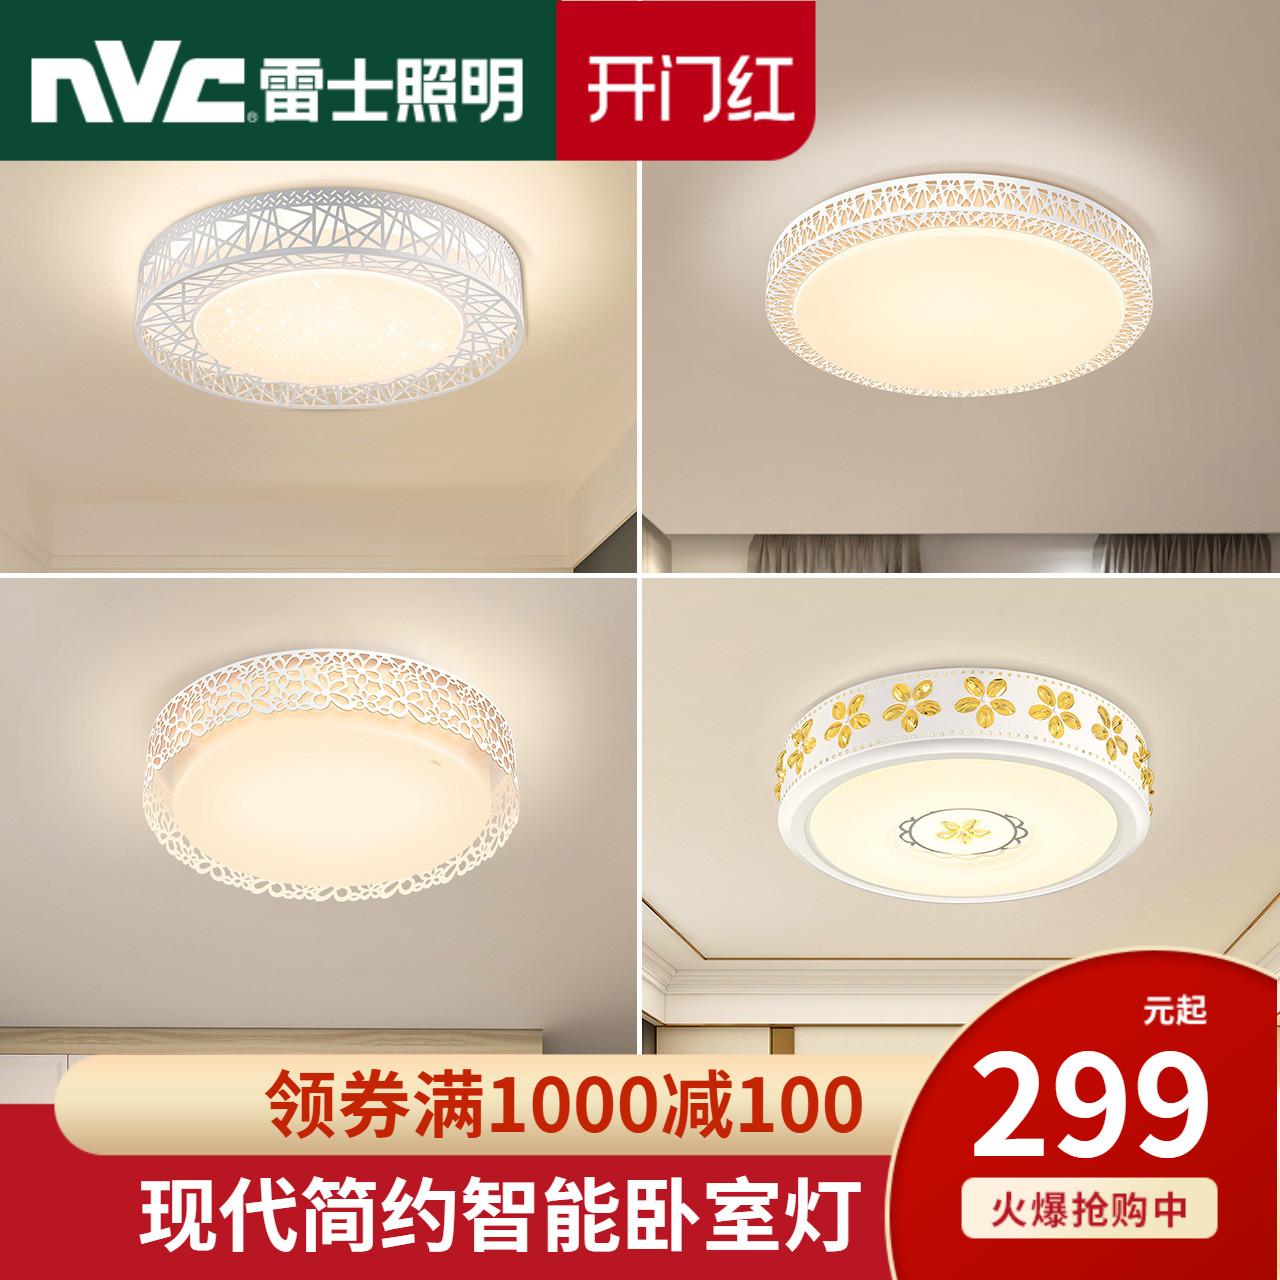 雷士照明LED吸頂燈圓形房間燈簡約現代客廳燈具溫馨浪漫卧室燈 WS